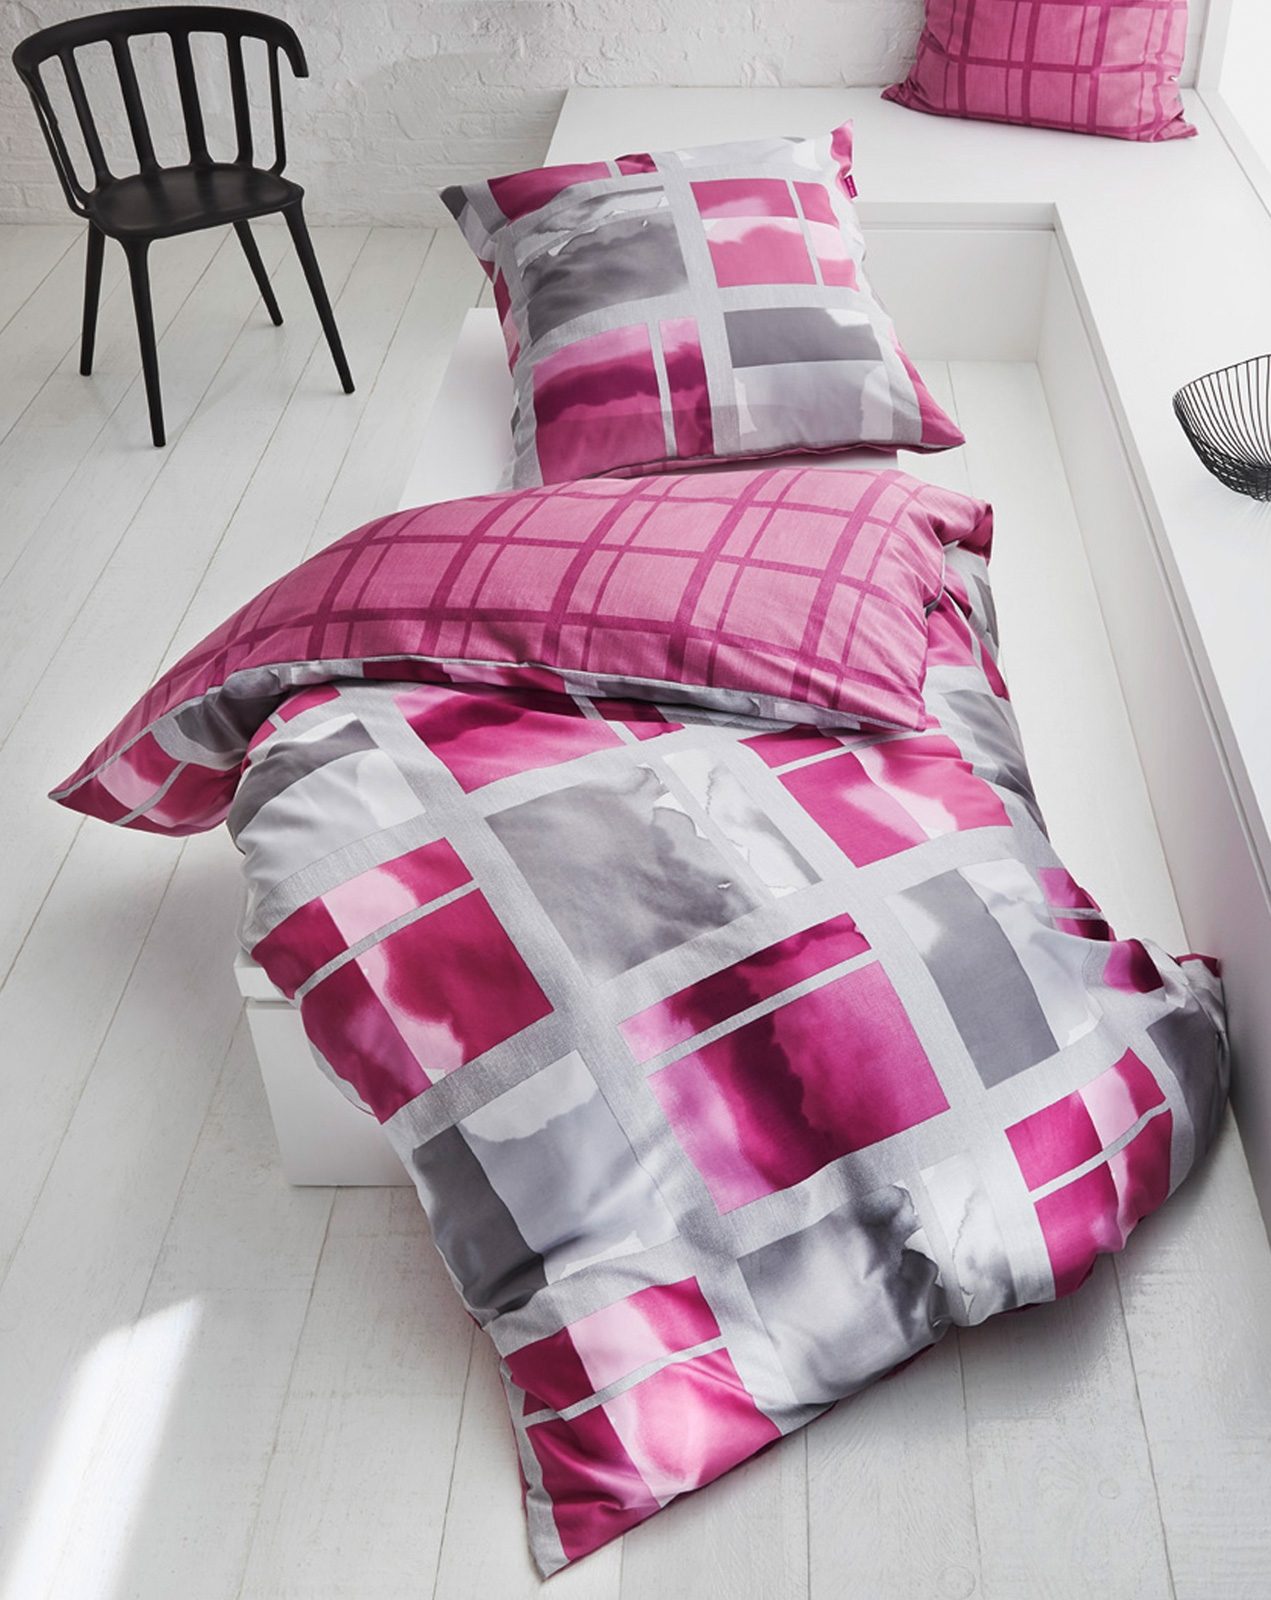 Bettwäsche - Kaeppel Mako Satin Bettwäsche Must Have Polaroid pink 898 618 Aufbewahrungsbeutel  - Onlineshop PremiumShop321